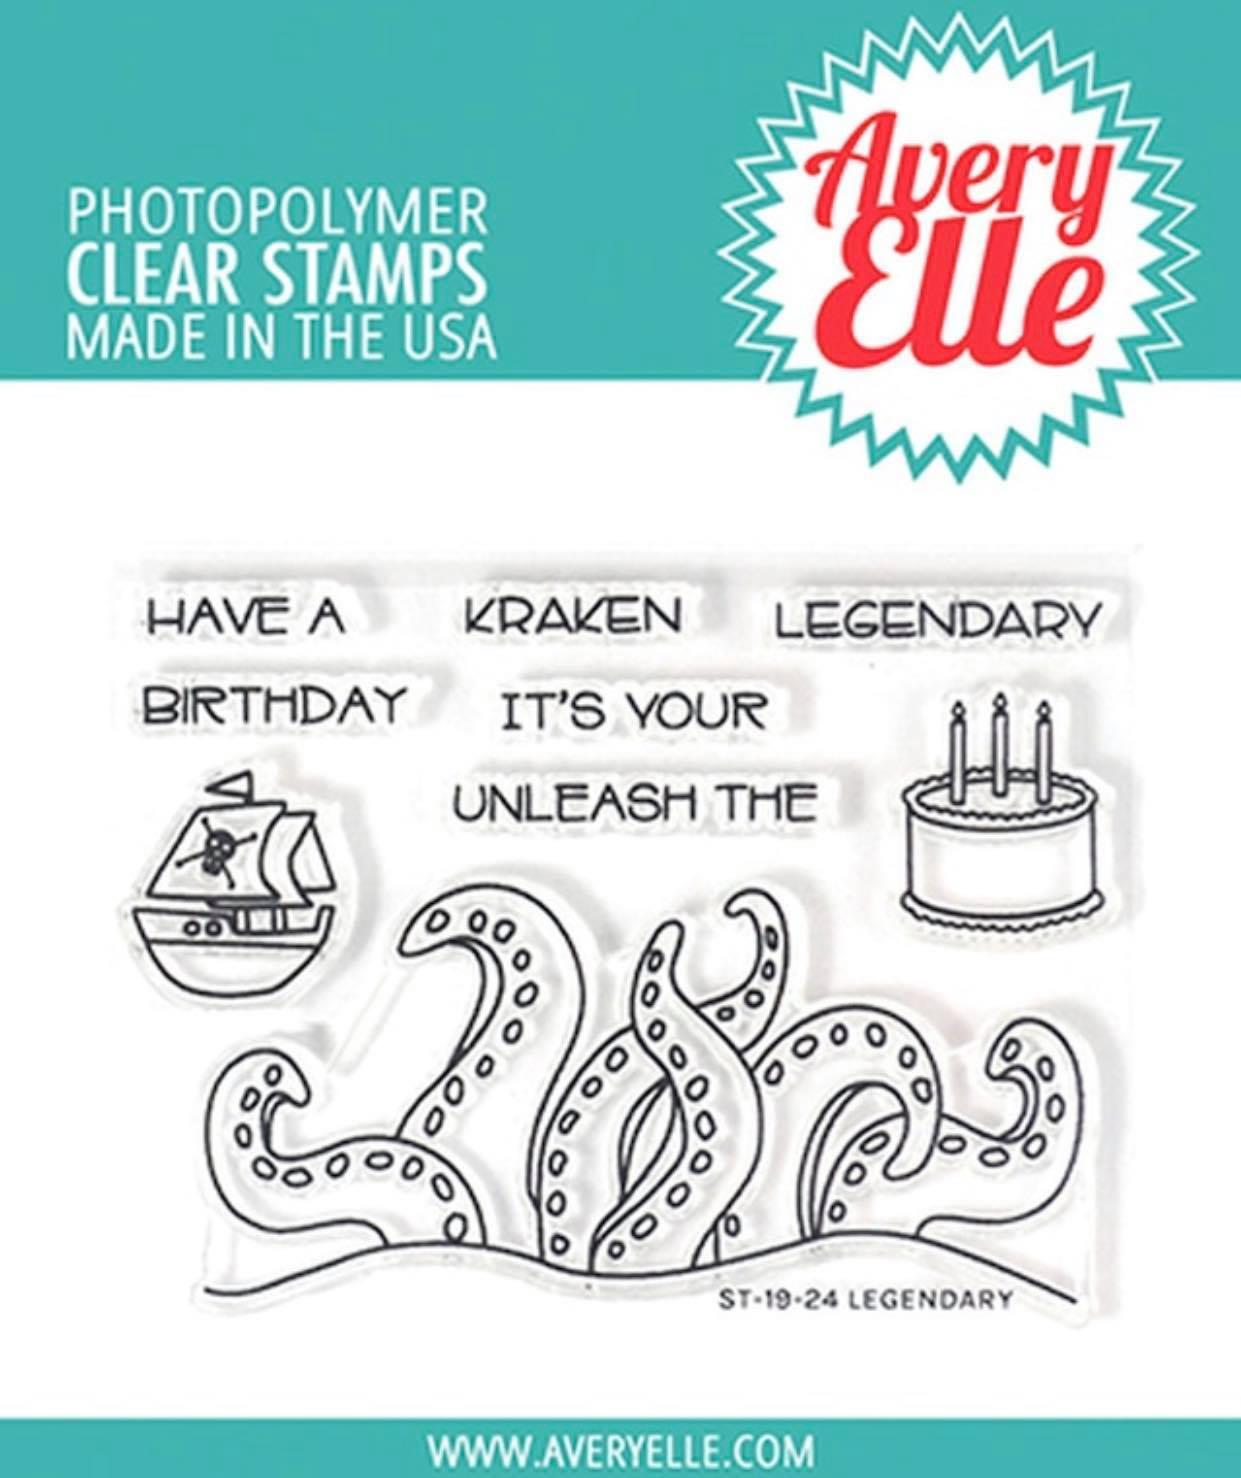 Avery Elle - Legendary Stamp Set